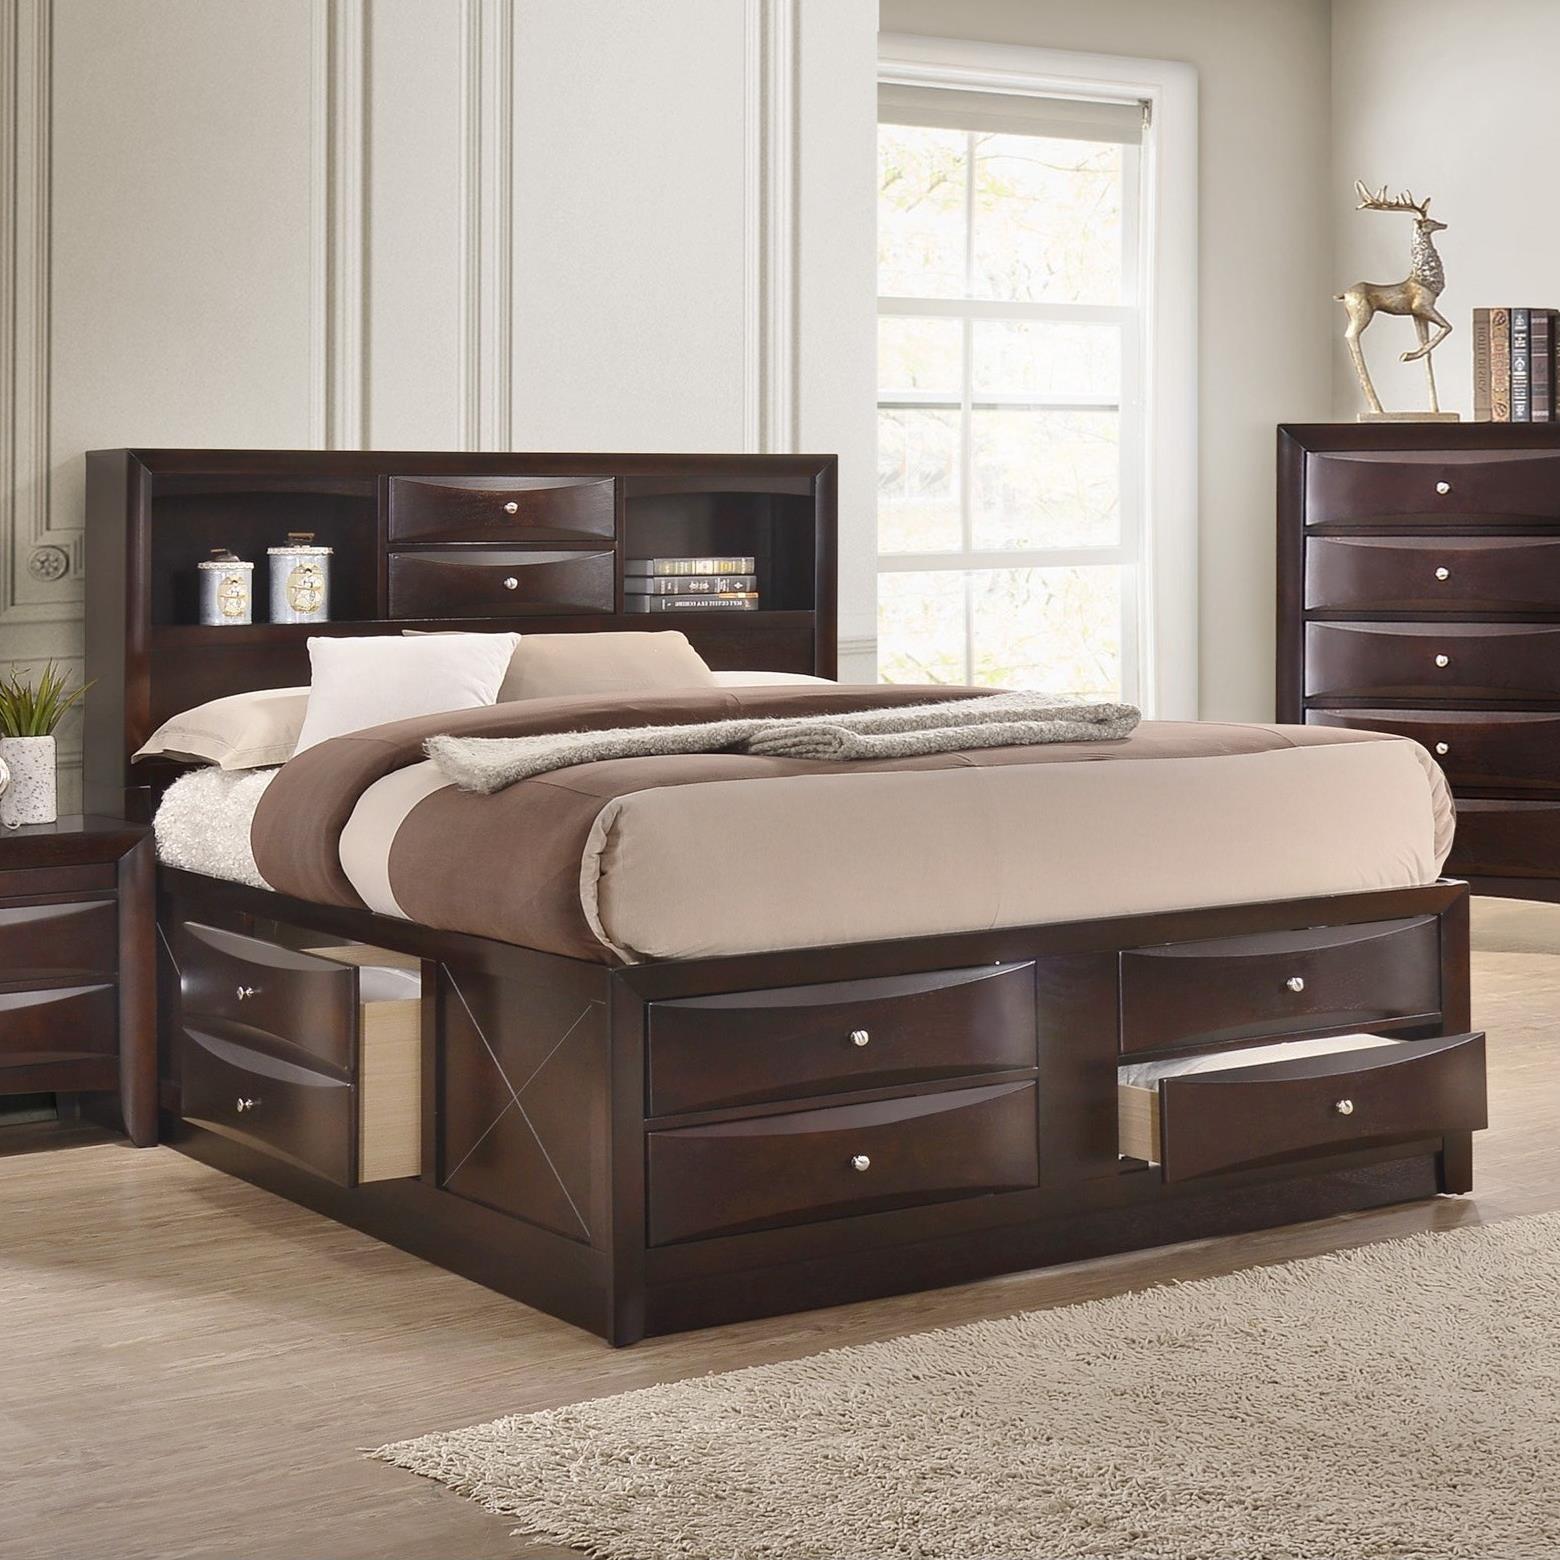 Queen Captain's Bed